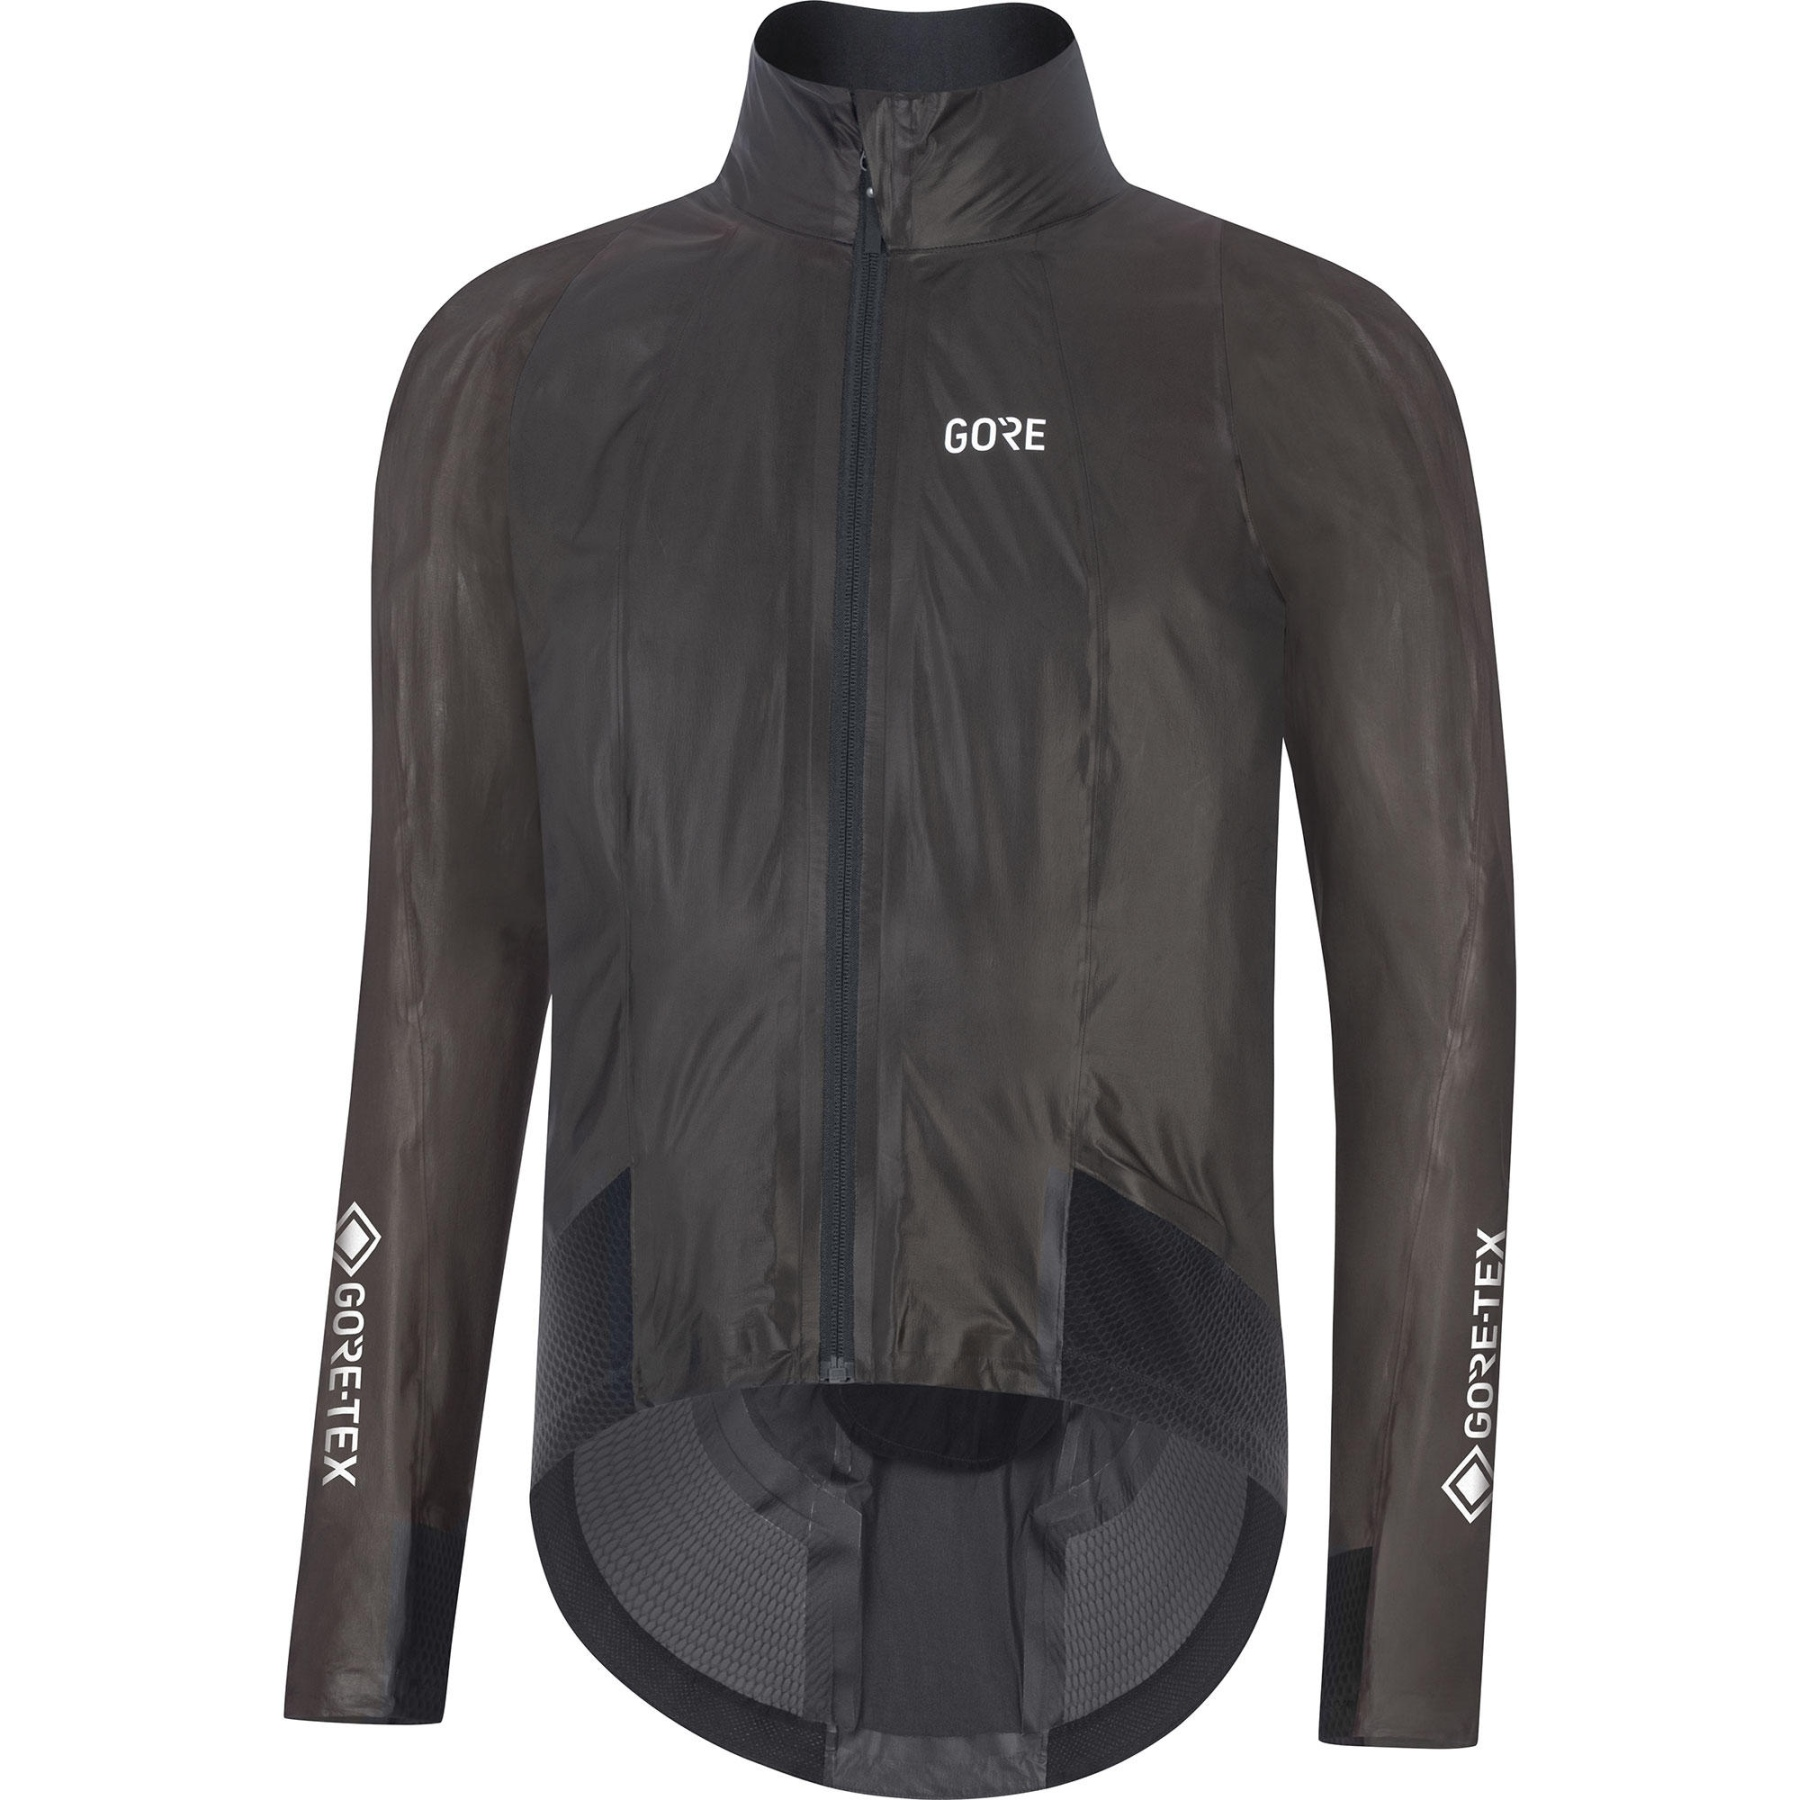 GORE Wear Race GORE-TEX® SHAKEDRY™ Jacke - black 9900